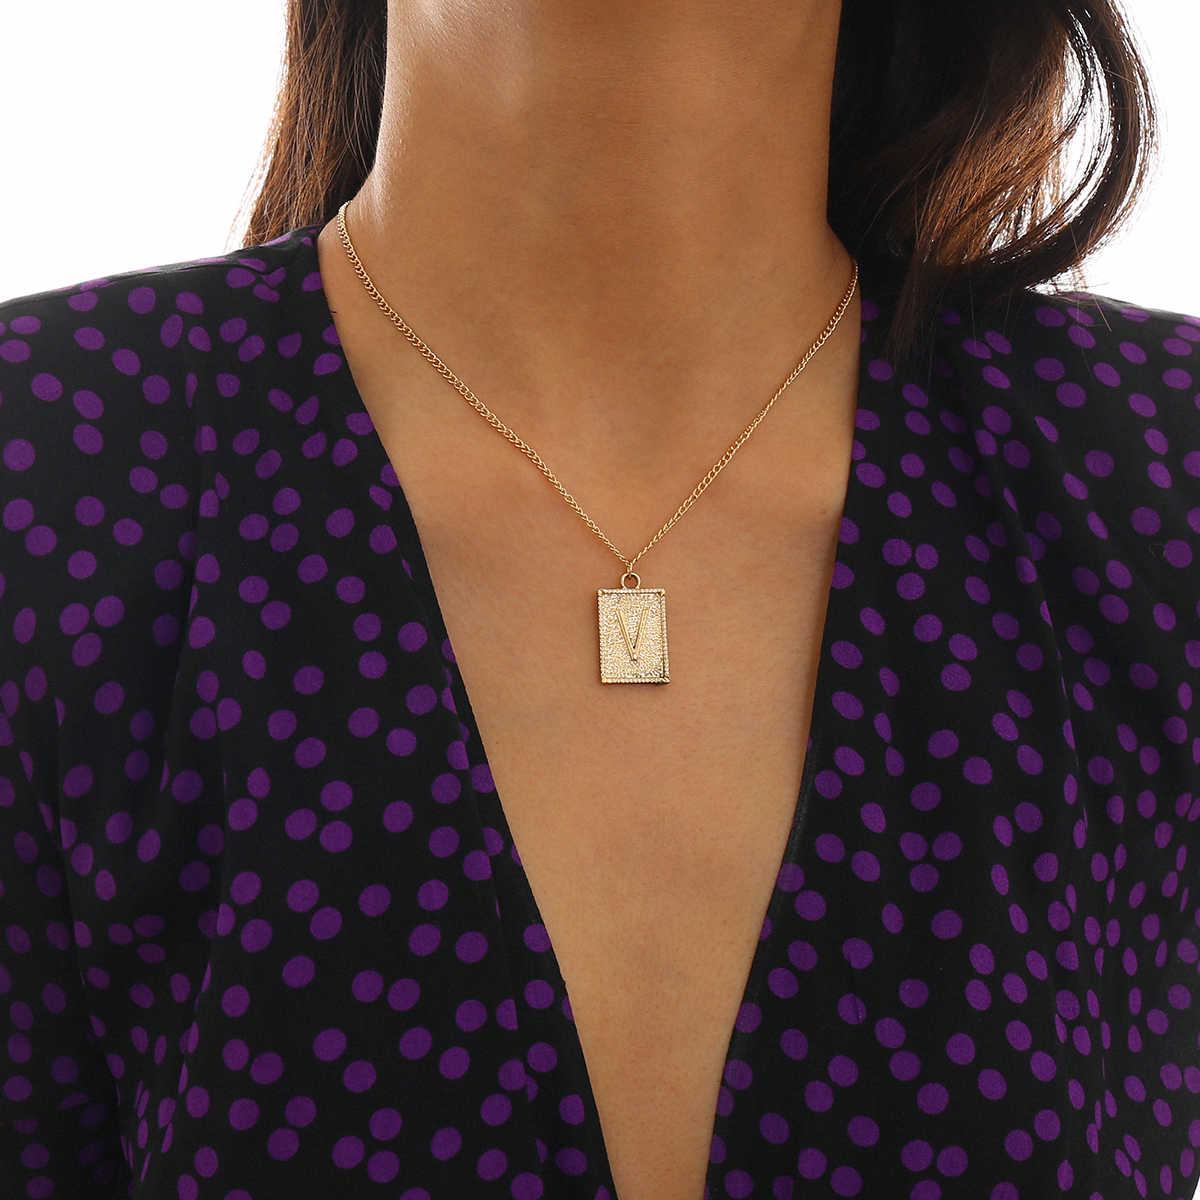 ゴシックユニークな 26 A-Z 手紙ペンダントネックレスの襟の魅力 DIY 名初期アルファベットチェーンチョーカー女性男性誕生日ジュエリー